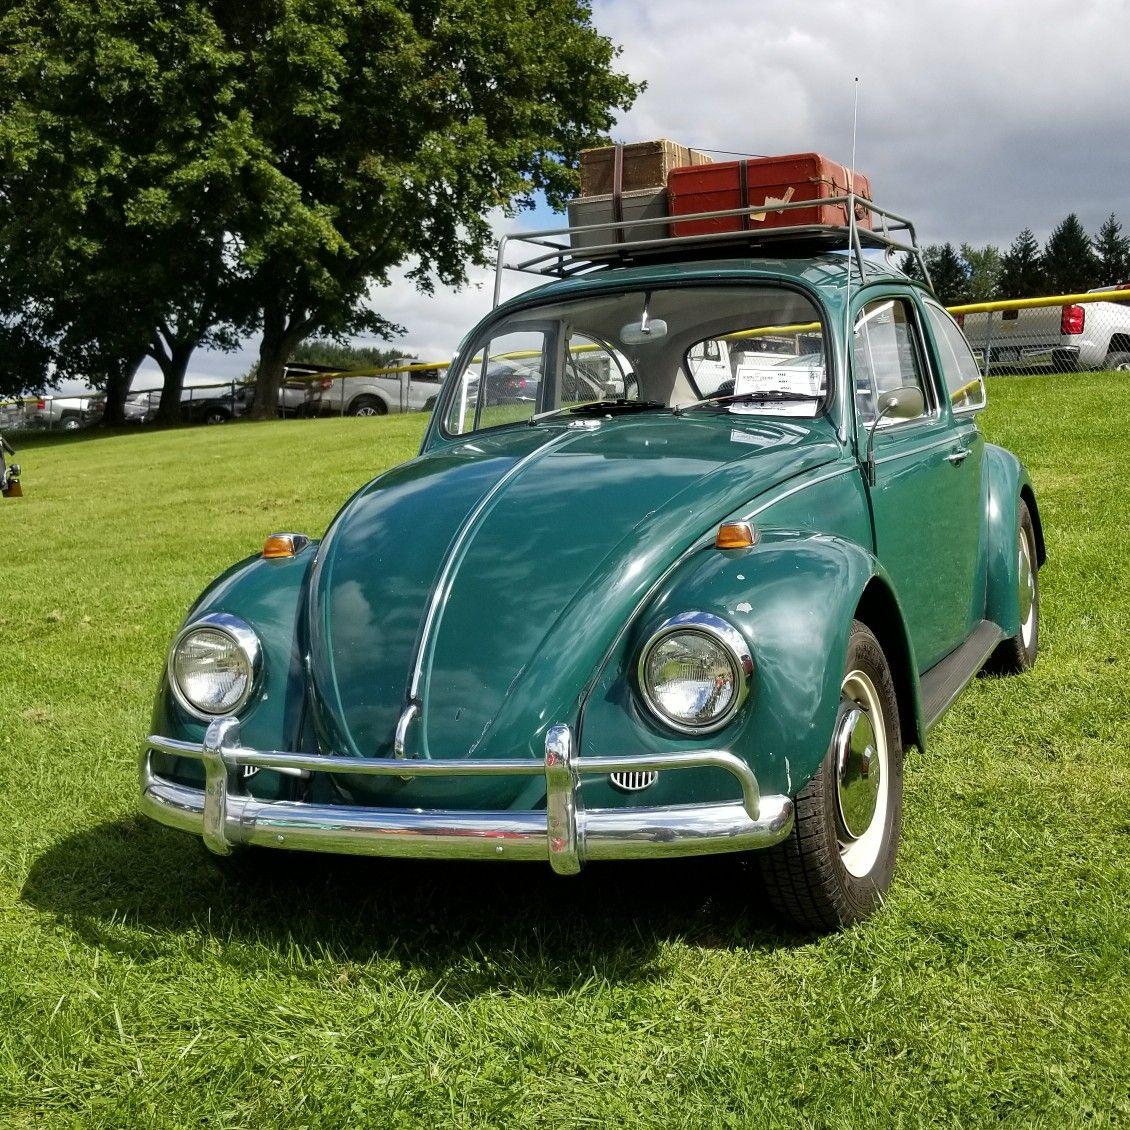 1967 Vw Beetle Pa Car Show 2017